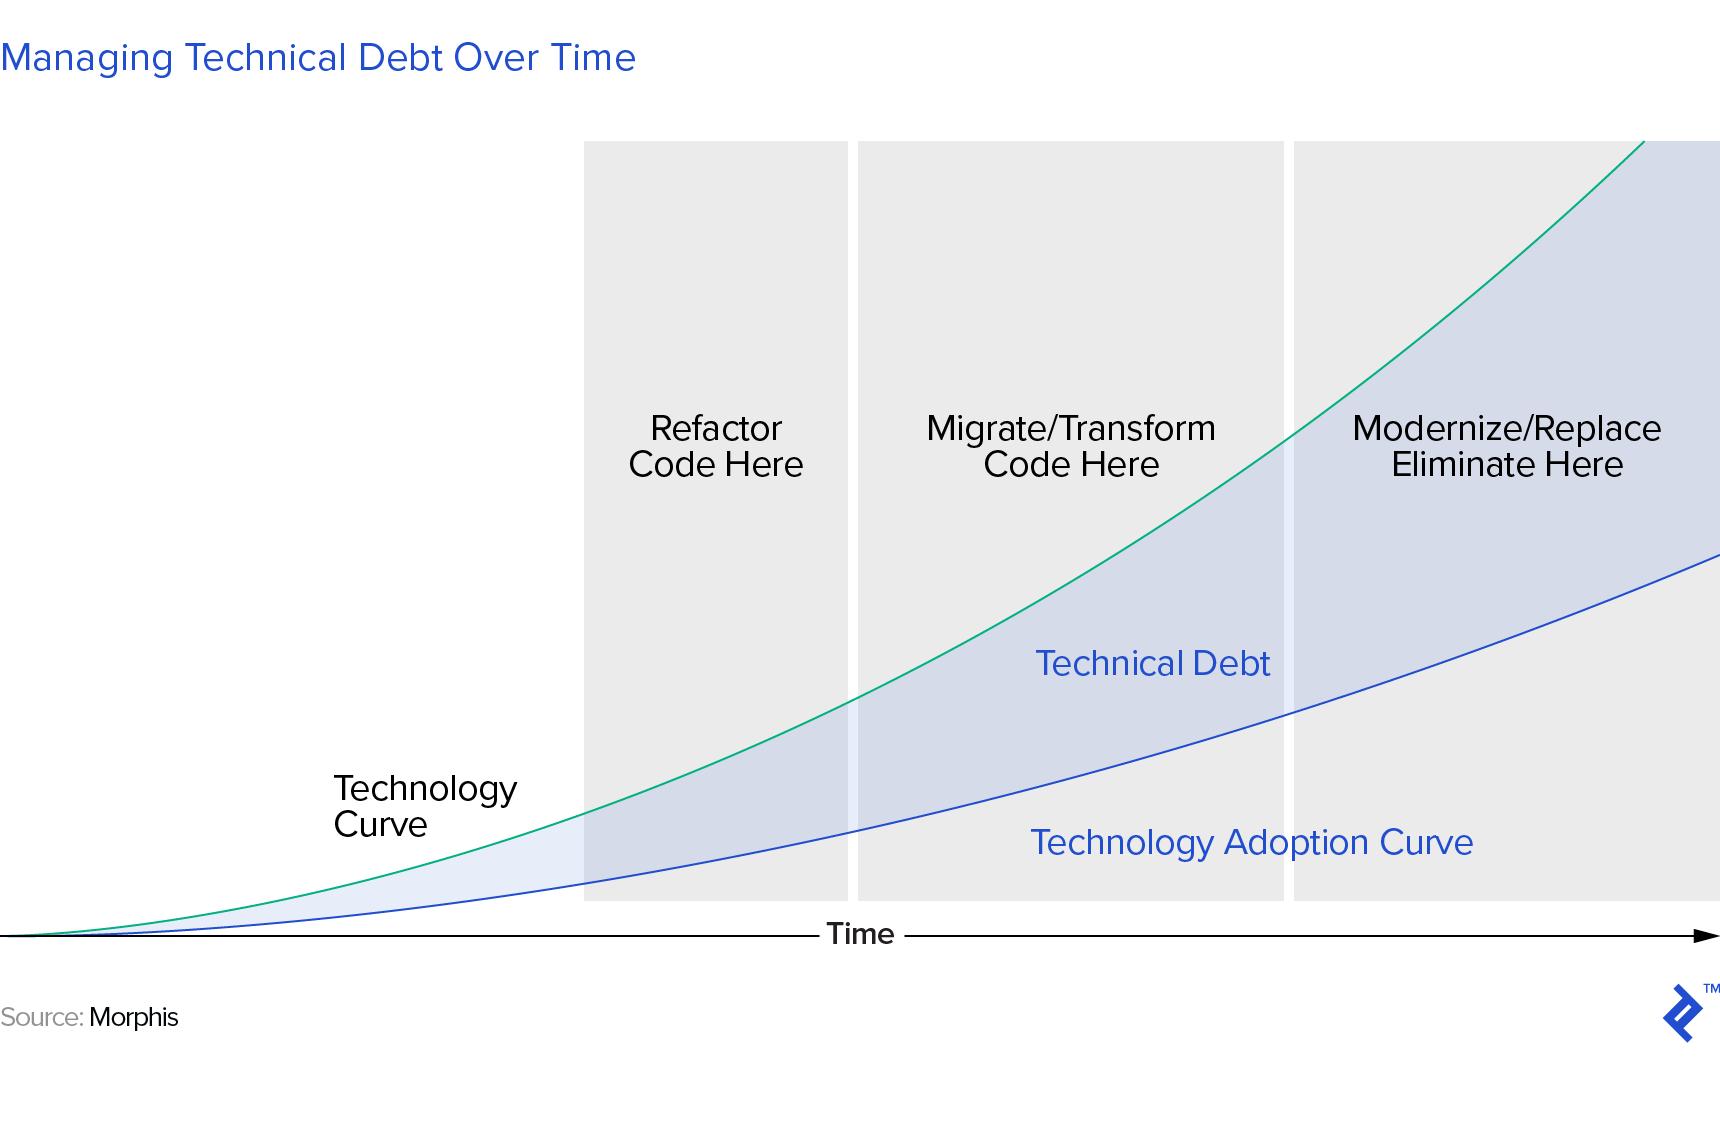 una ilustración gráfica de los pasos para administrar la deuda técnica a lo largo del tiempo